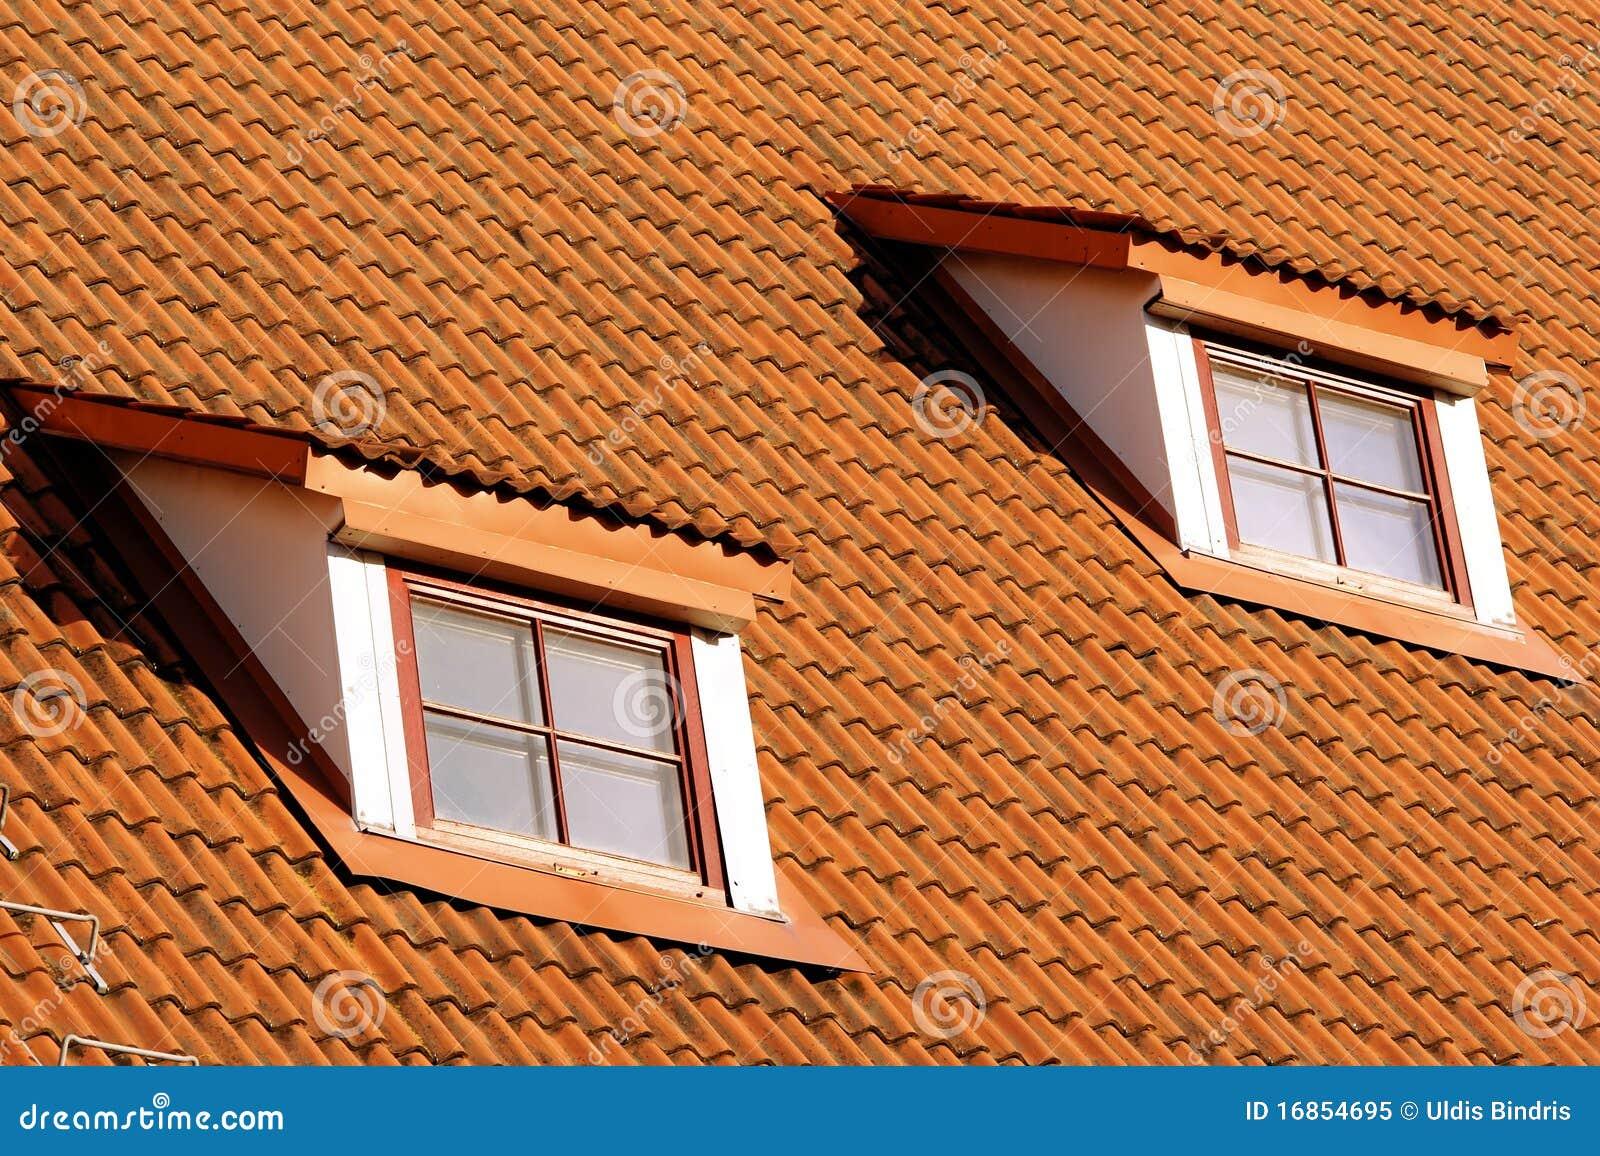 Tetto di piastrellatura con le finestre immagine stock for Finestra da tetto